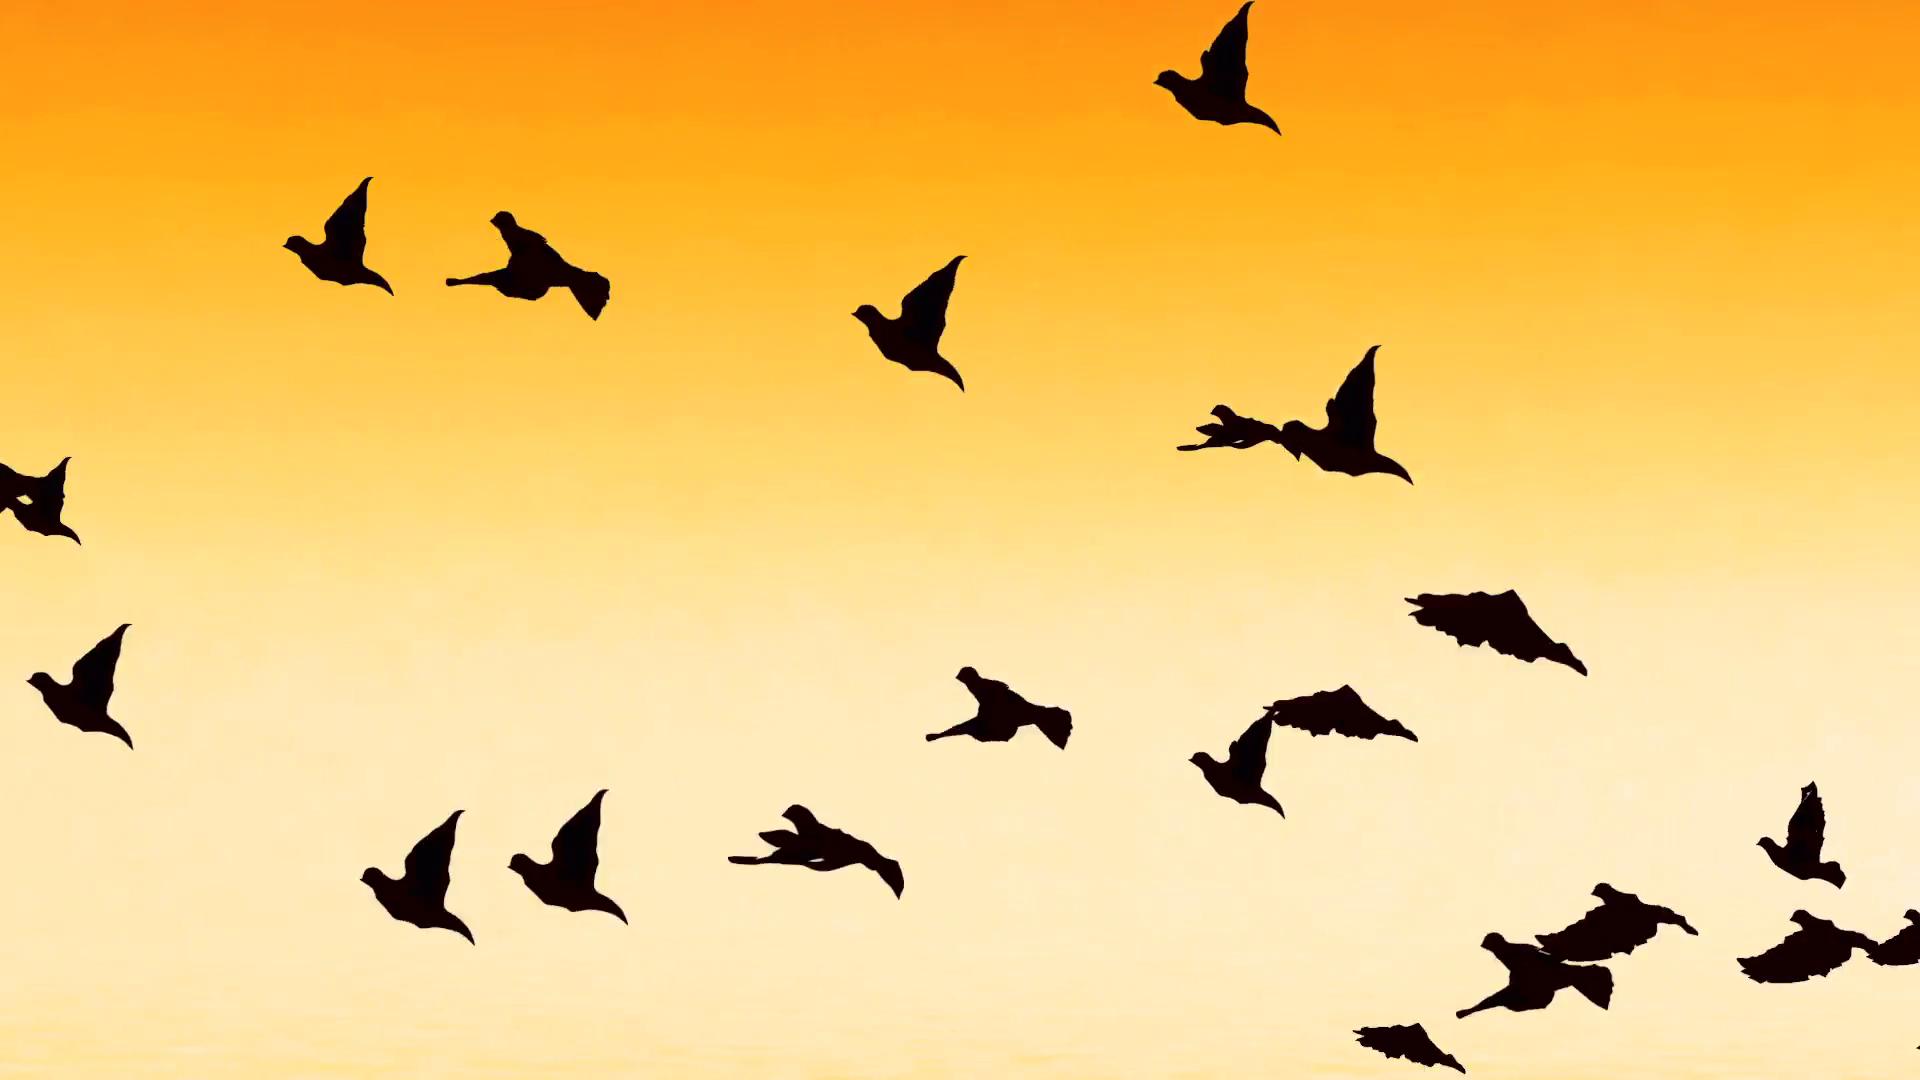 Flying birds photo